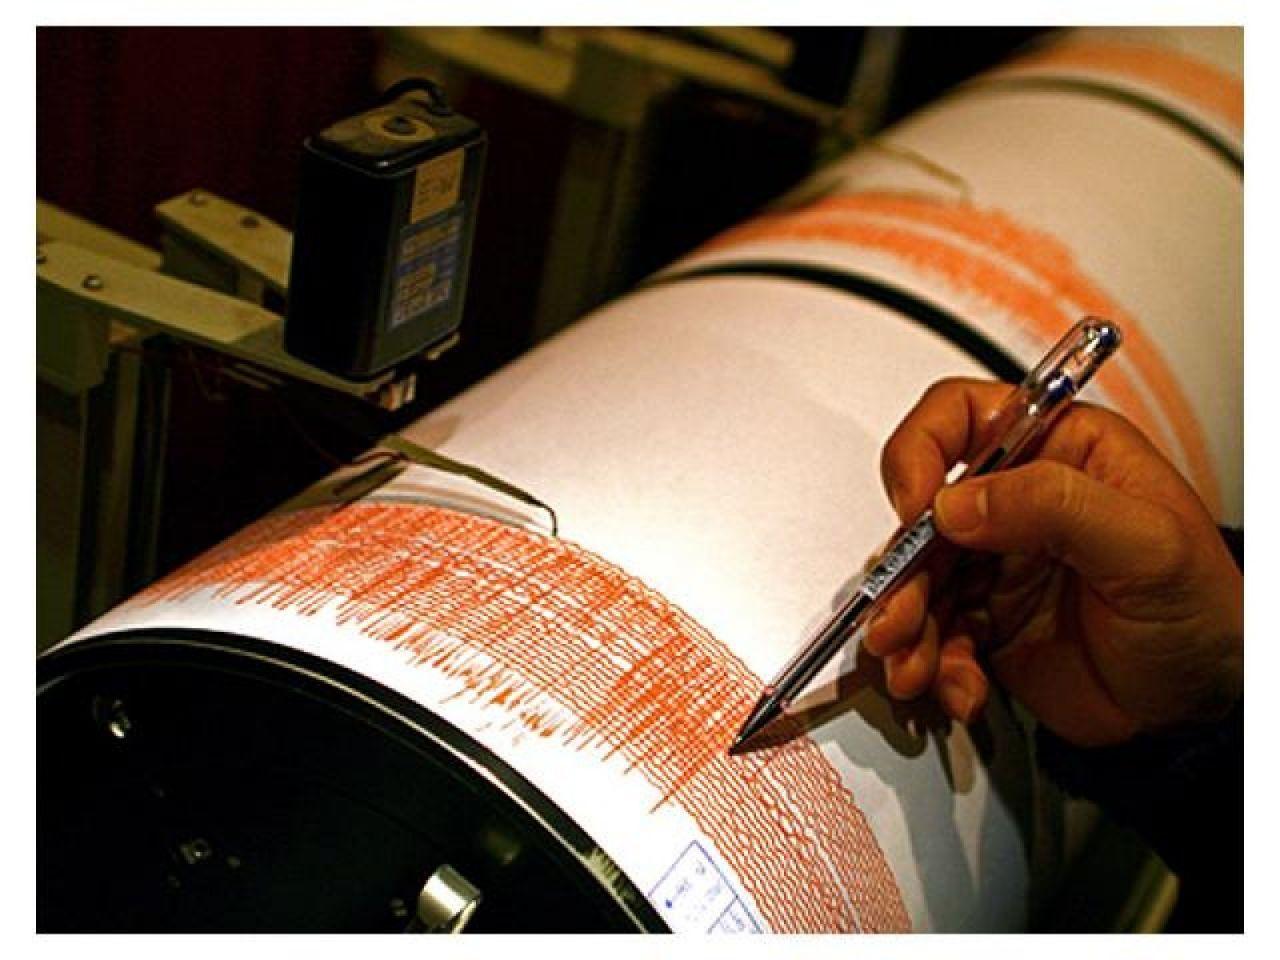 Cutremur la doi pași de Satu Mare. S-a simțit la zeci de kilometri de epicentru